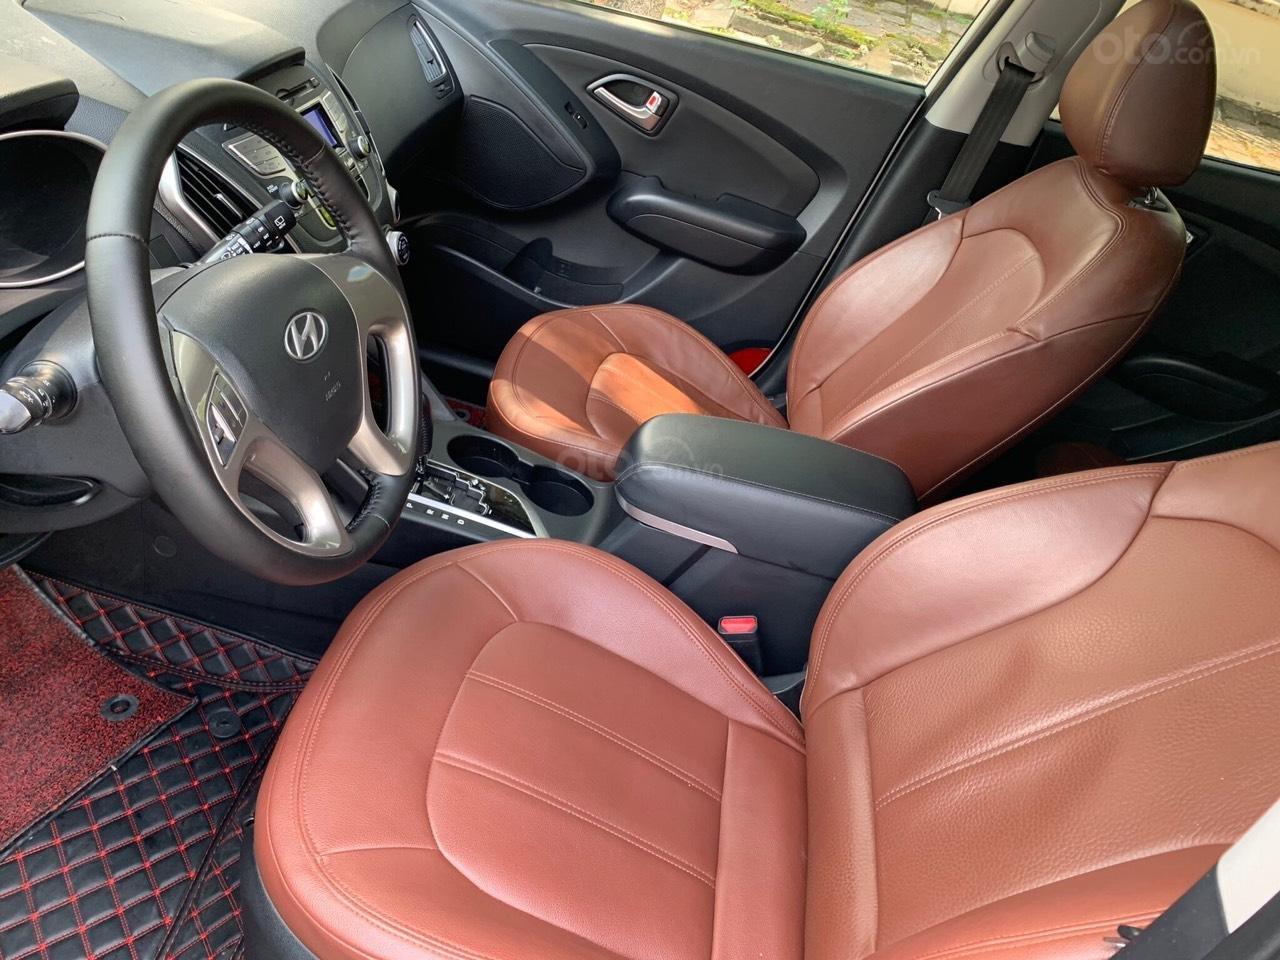 Bán nhanh Hyundai Tucson năm sản xuất 2012 xe đẹp nguyên bản (3)